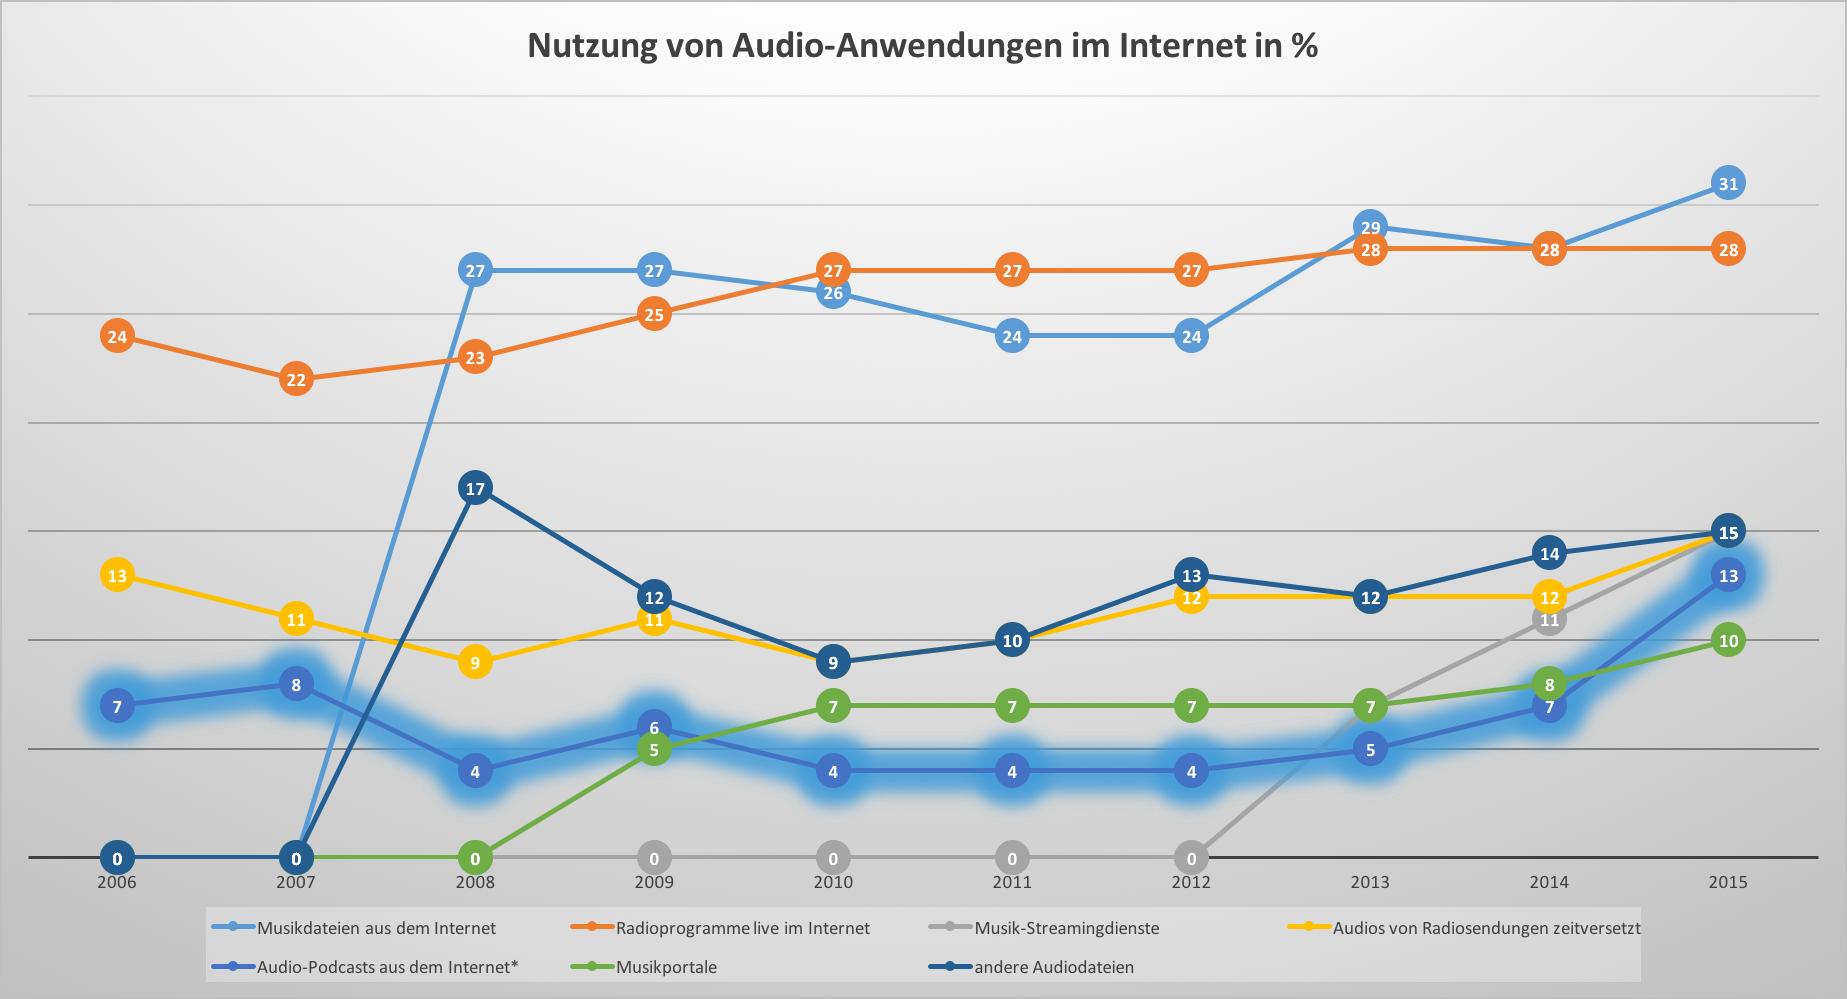 ard-zdf-mediennutzung2015-2